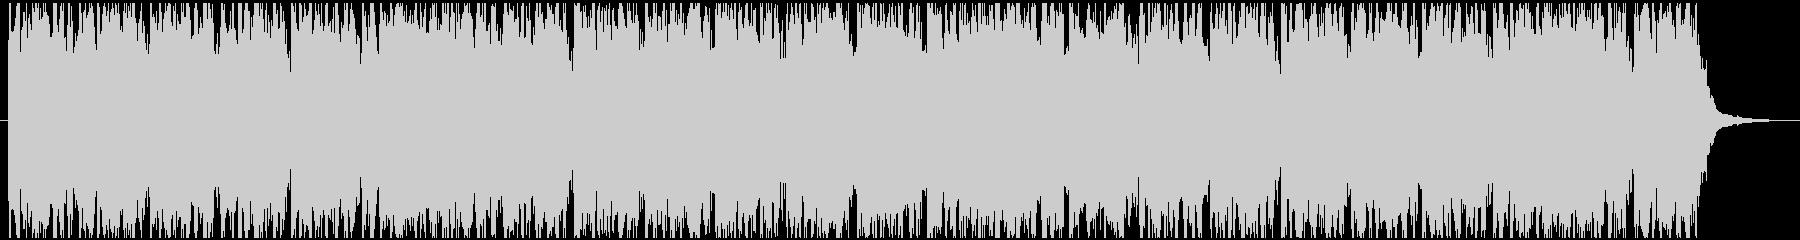 ハッピーバースデー ポップなリミックスの未再生の波形